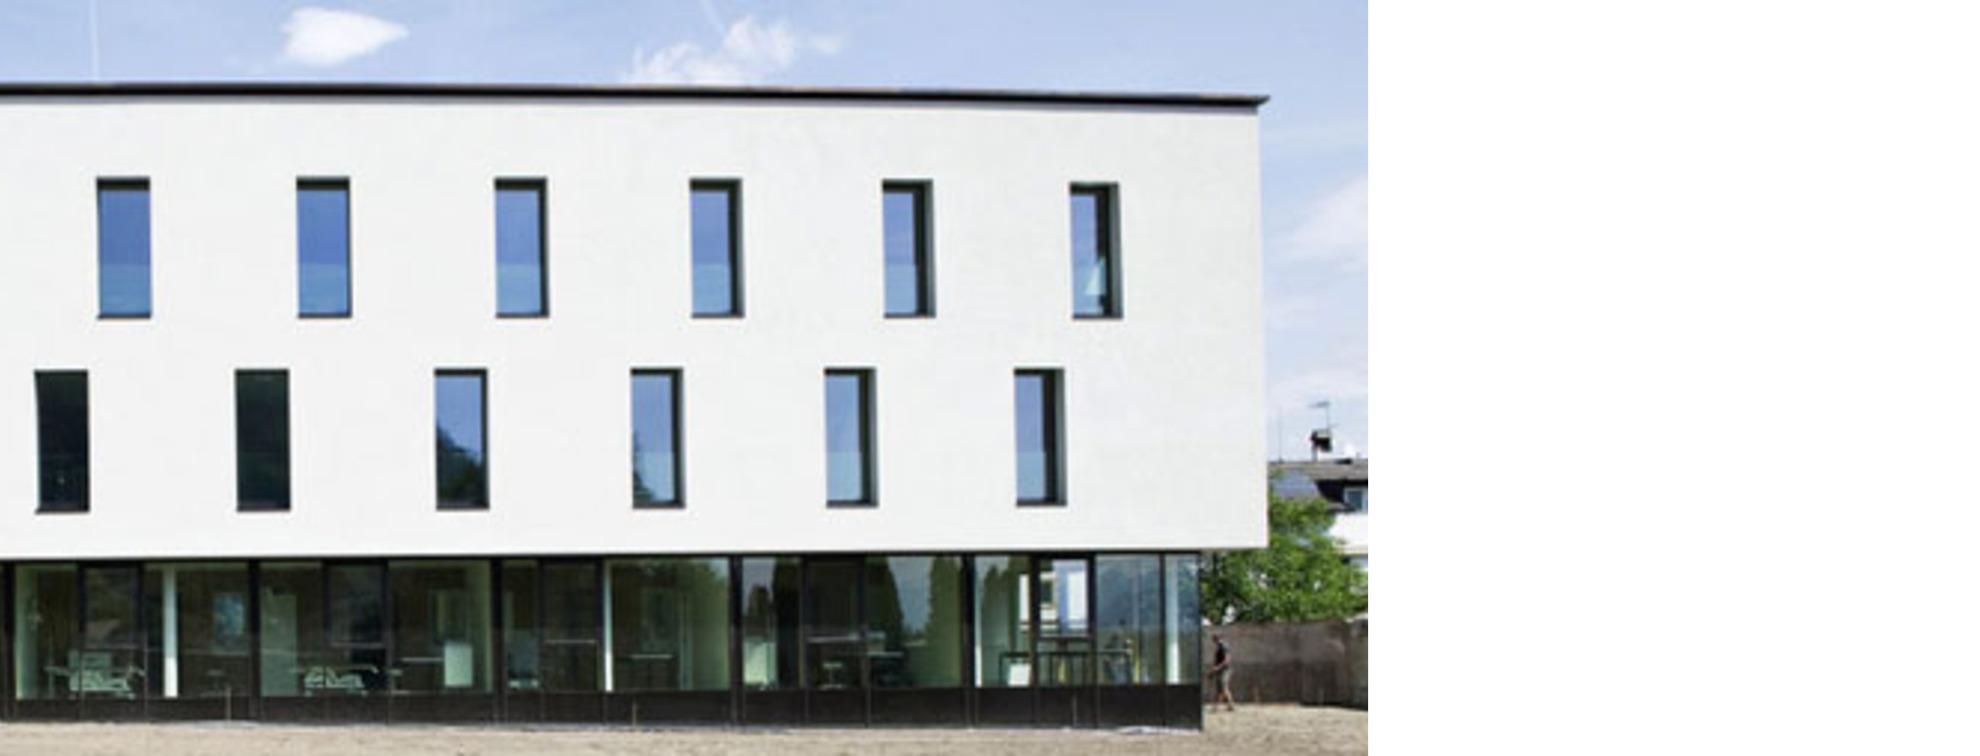 Neue Architektur In Südtirol 2006 2012: Ausstellung NEUE ARCHITEKTUR IN SUeDTIROL 20062012